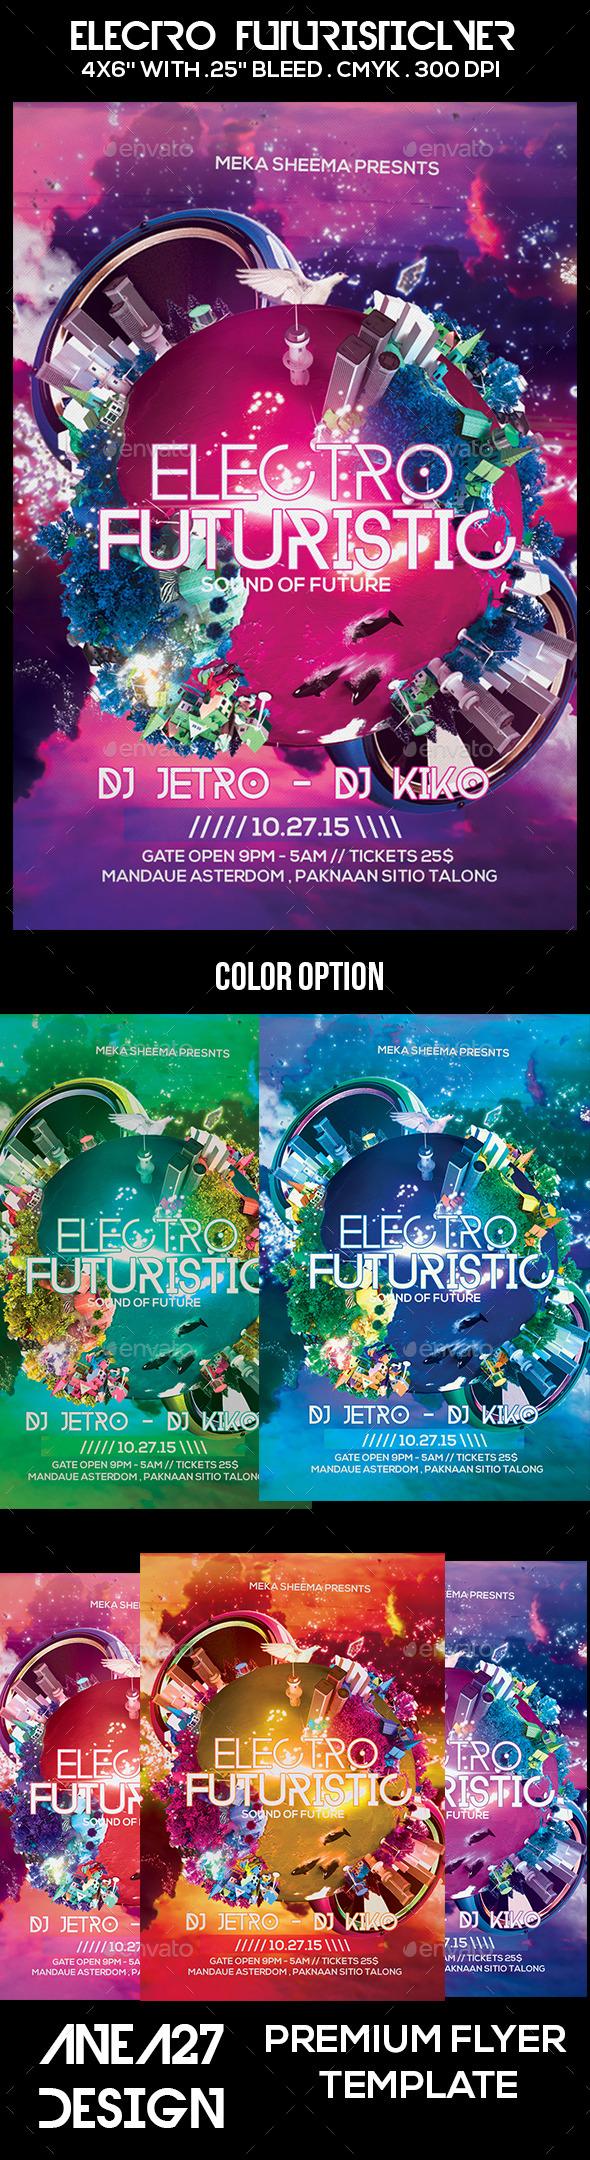 GraphicRiver Electro Futuristic Flyer 10625464